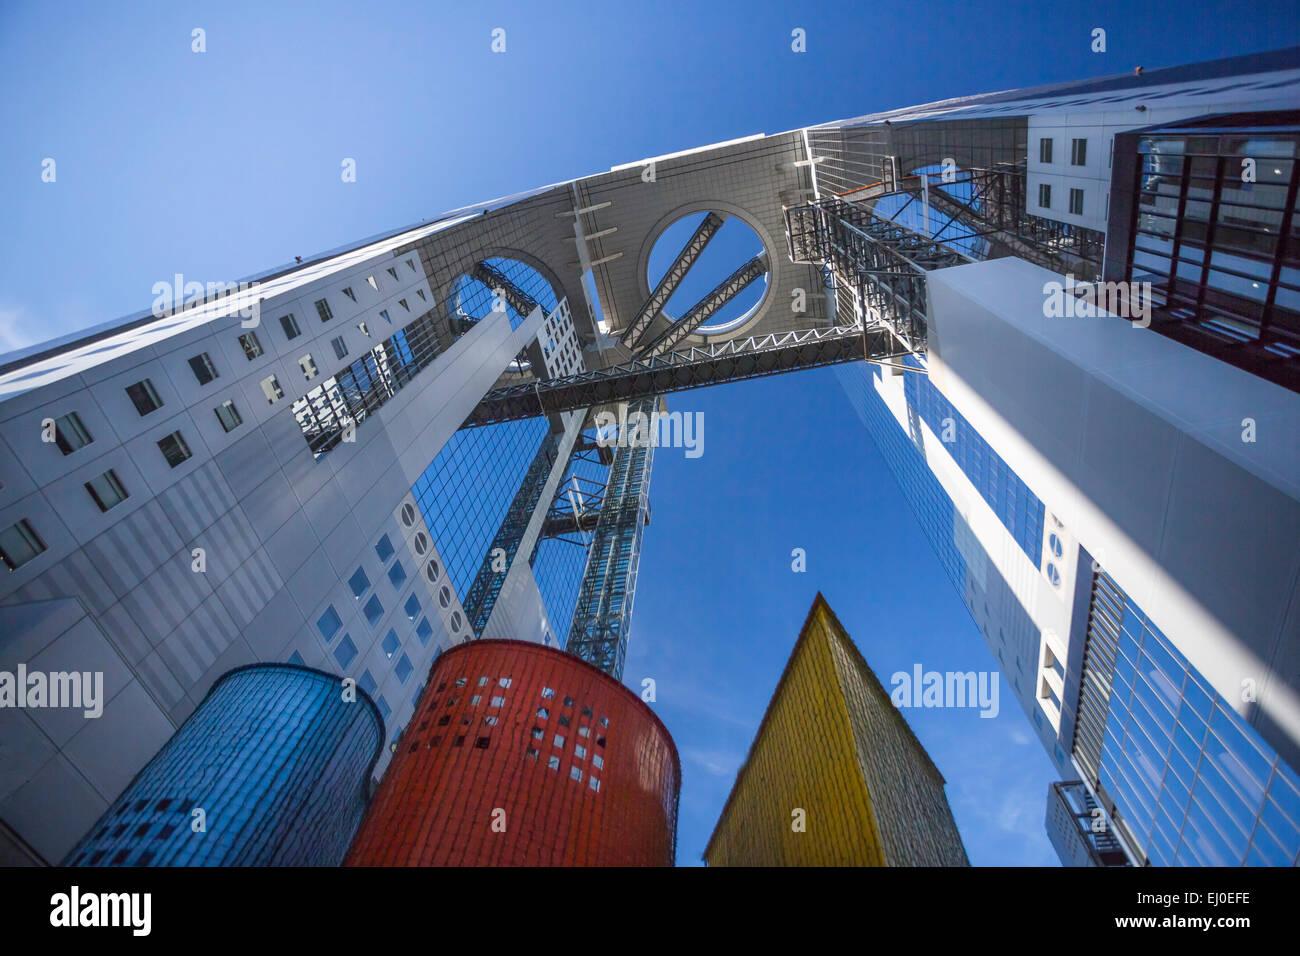 City, Giappone, Asia, Kansai di Osaka, Città Umeda Sky, edificio, architettura, colorato, turistica, viaggi Immagini Stock